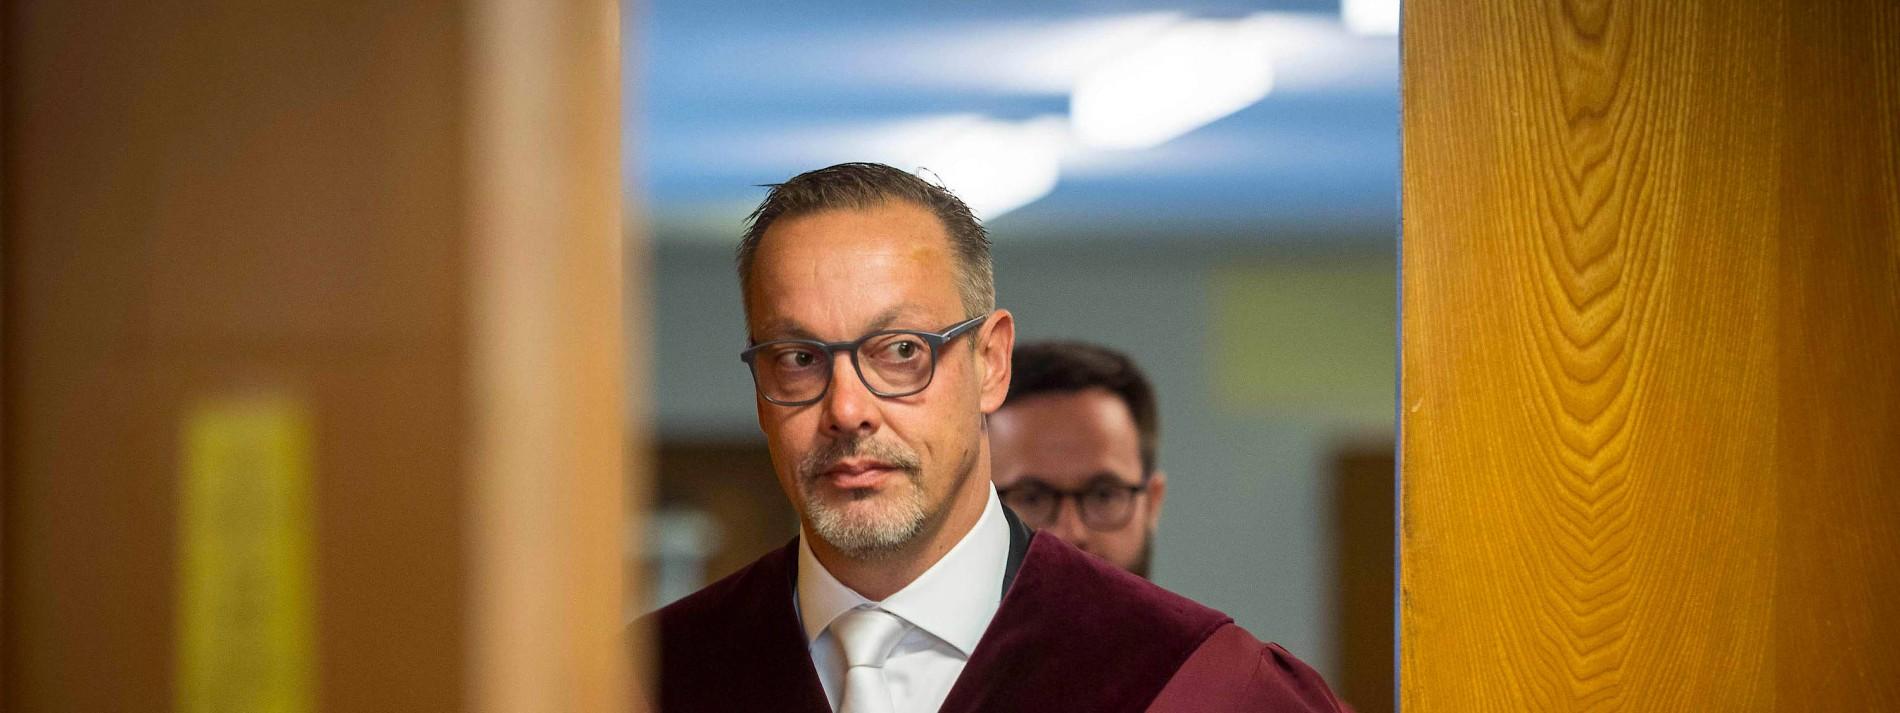 Generalbundesanwalt legt Beschwerde gegen Freilassung von Markus H. ein